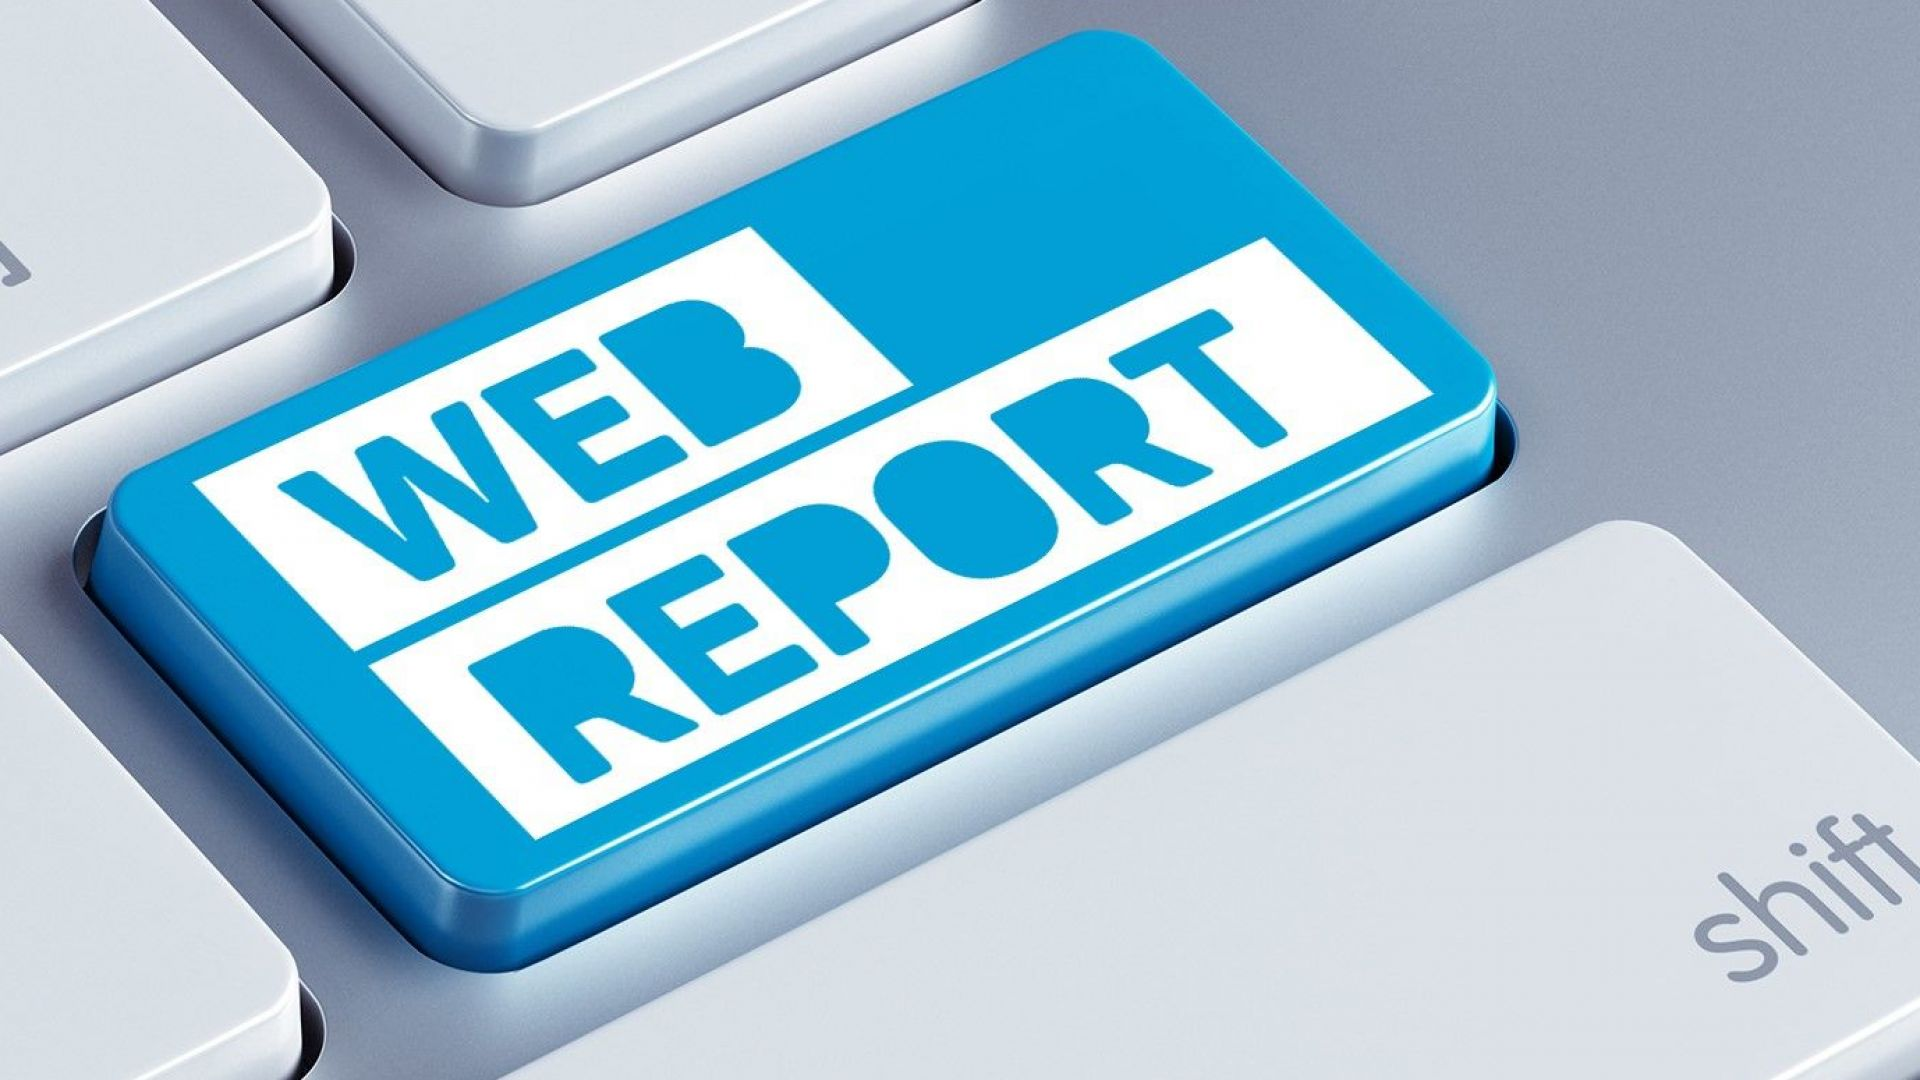 Снимка: Web Report приема материали до 31 май